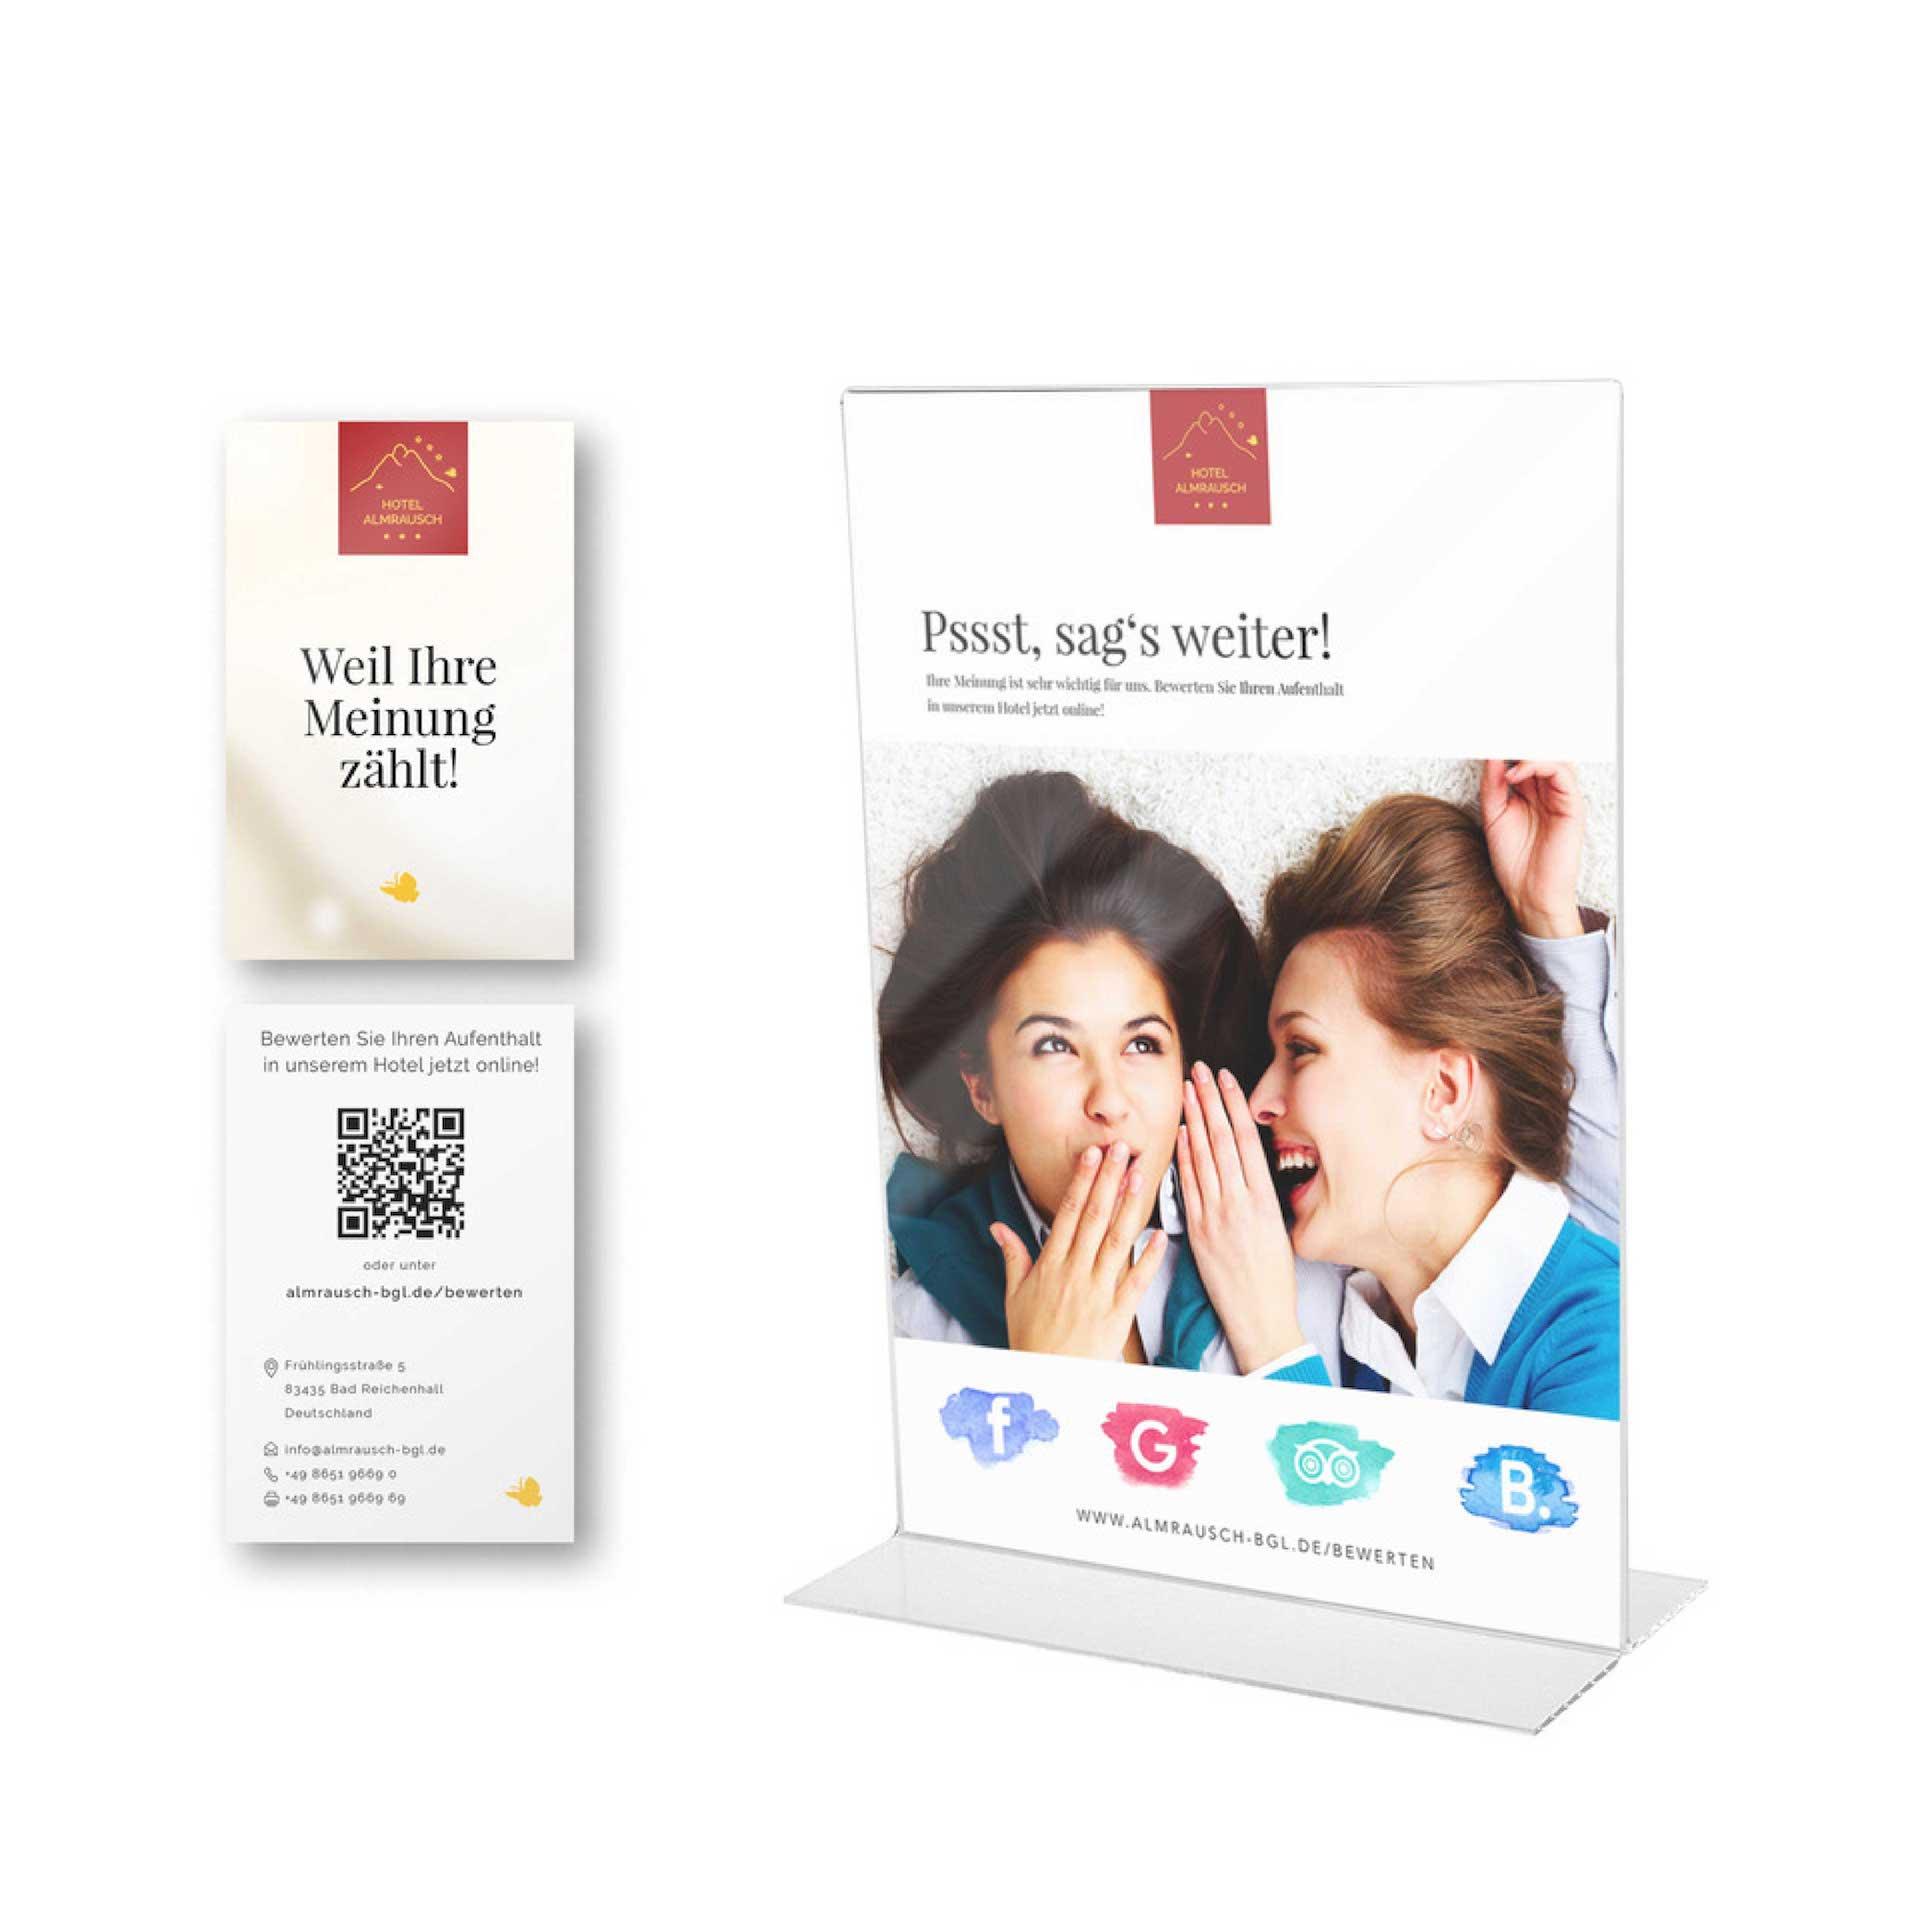 minuteman's Portfolio - Grafikdesign für das Hotel Almrausch in Bad Reichenhall - Bewertungskarten für Kundenfeedback